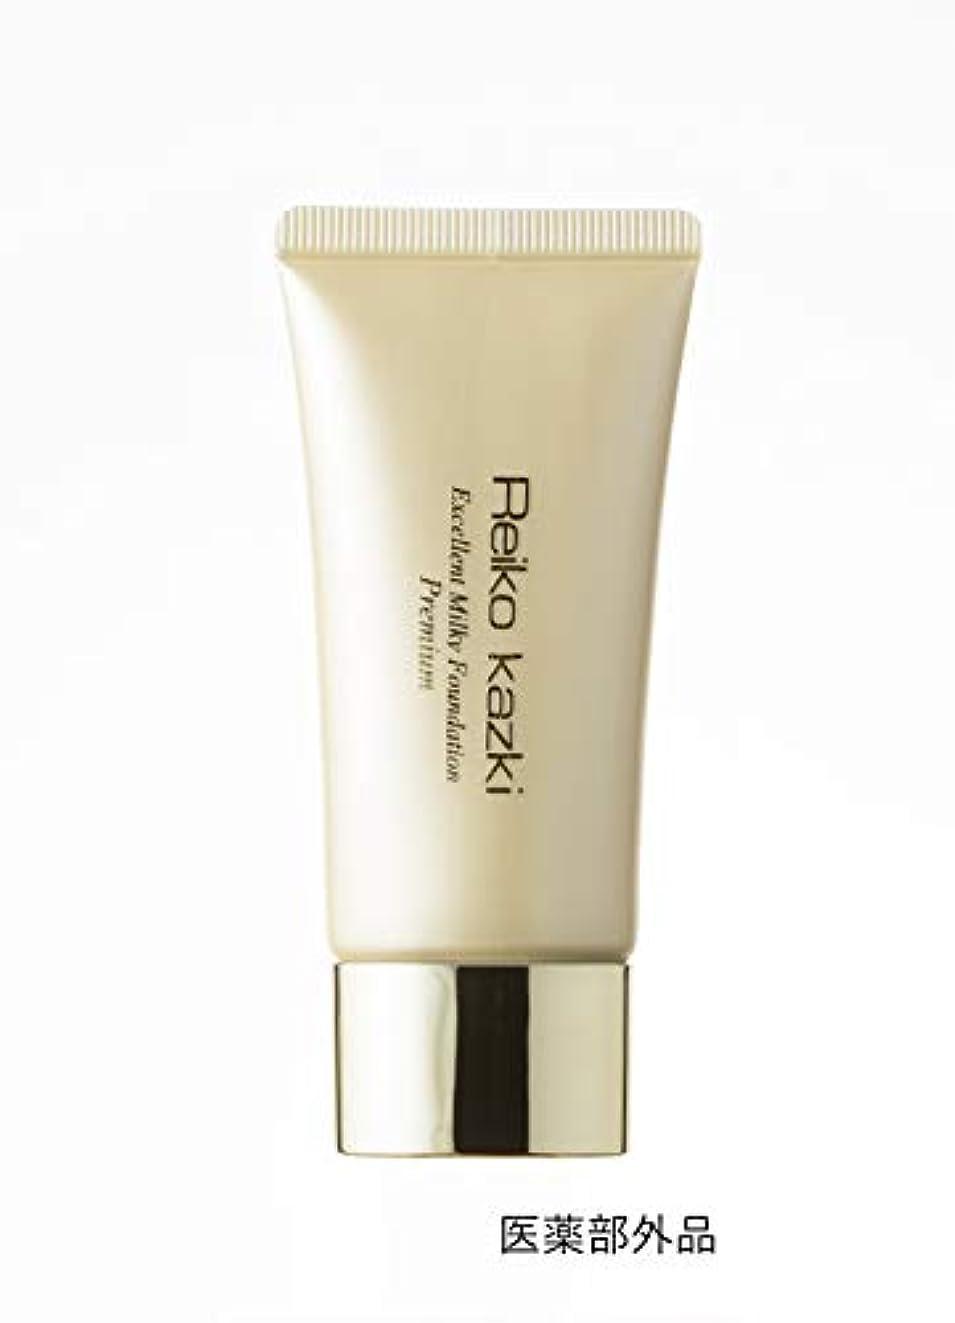 エージェント虎休眠【医薬部外品】 かづきれいこ 薬用エクセレントミルキーファンデーション プレミアム (化粧下地) SPF31/PA+++で紫外線をカット。美白有効成分を配合した化粧下地。